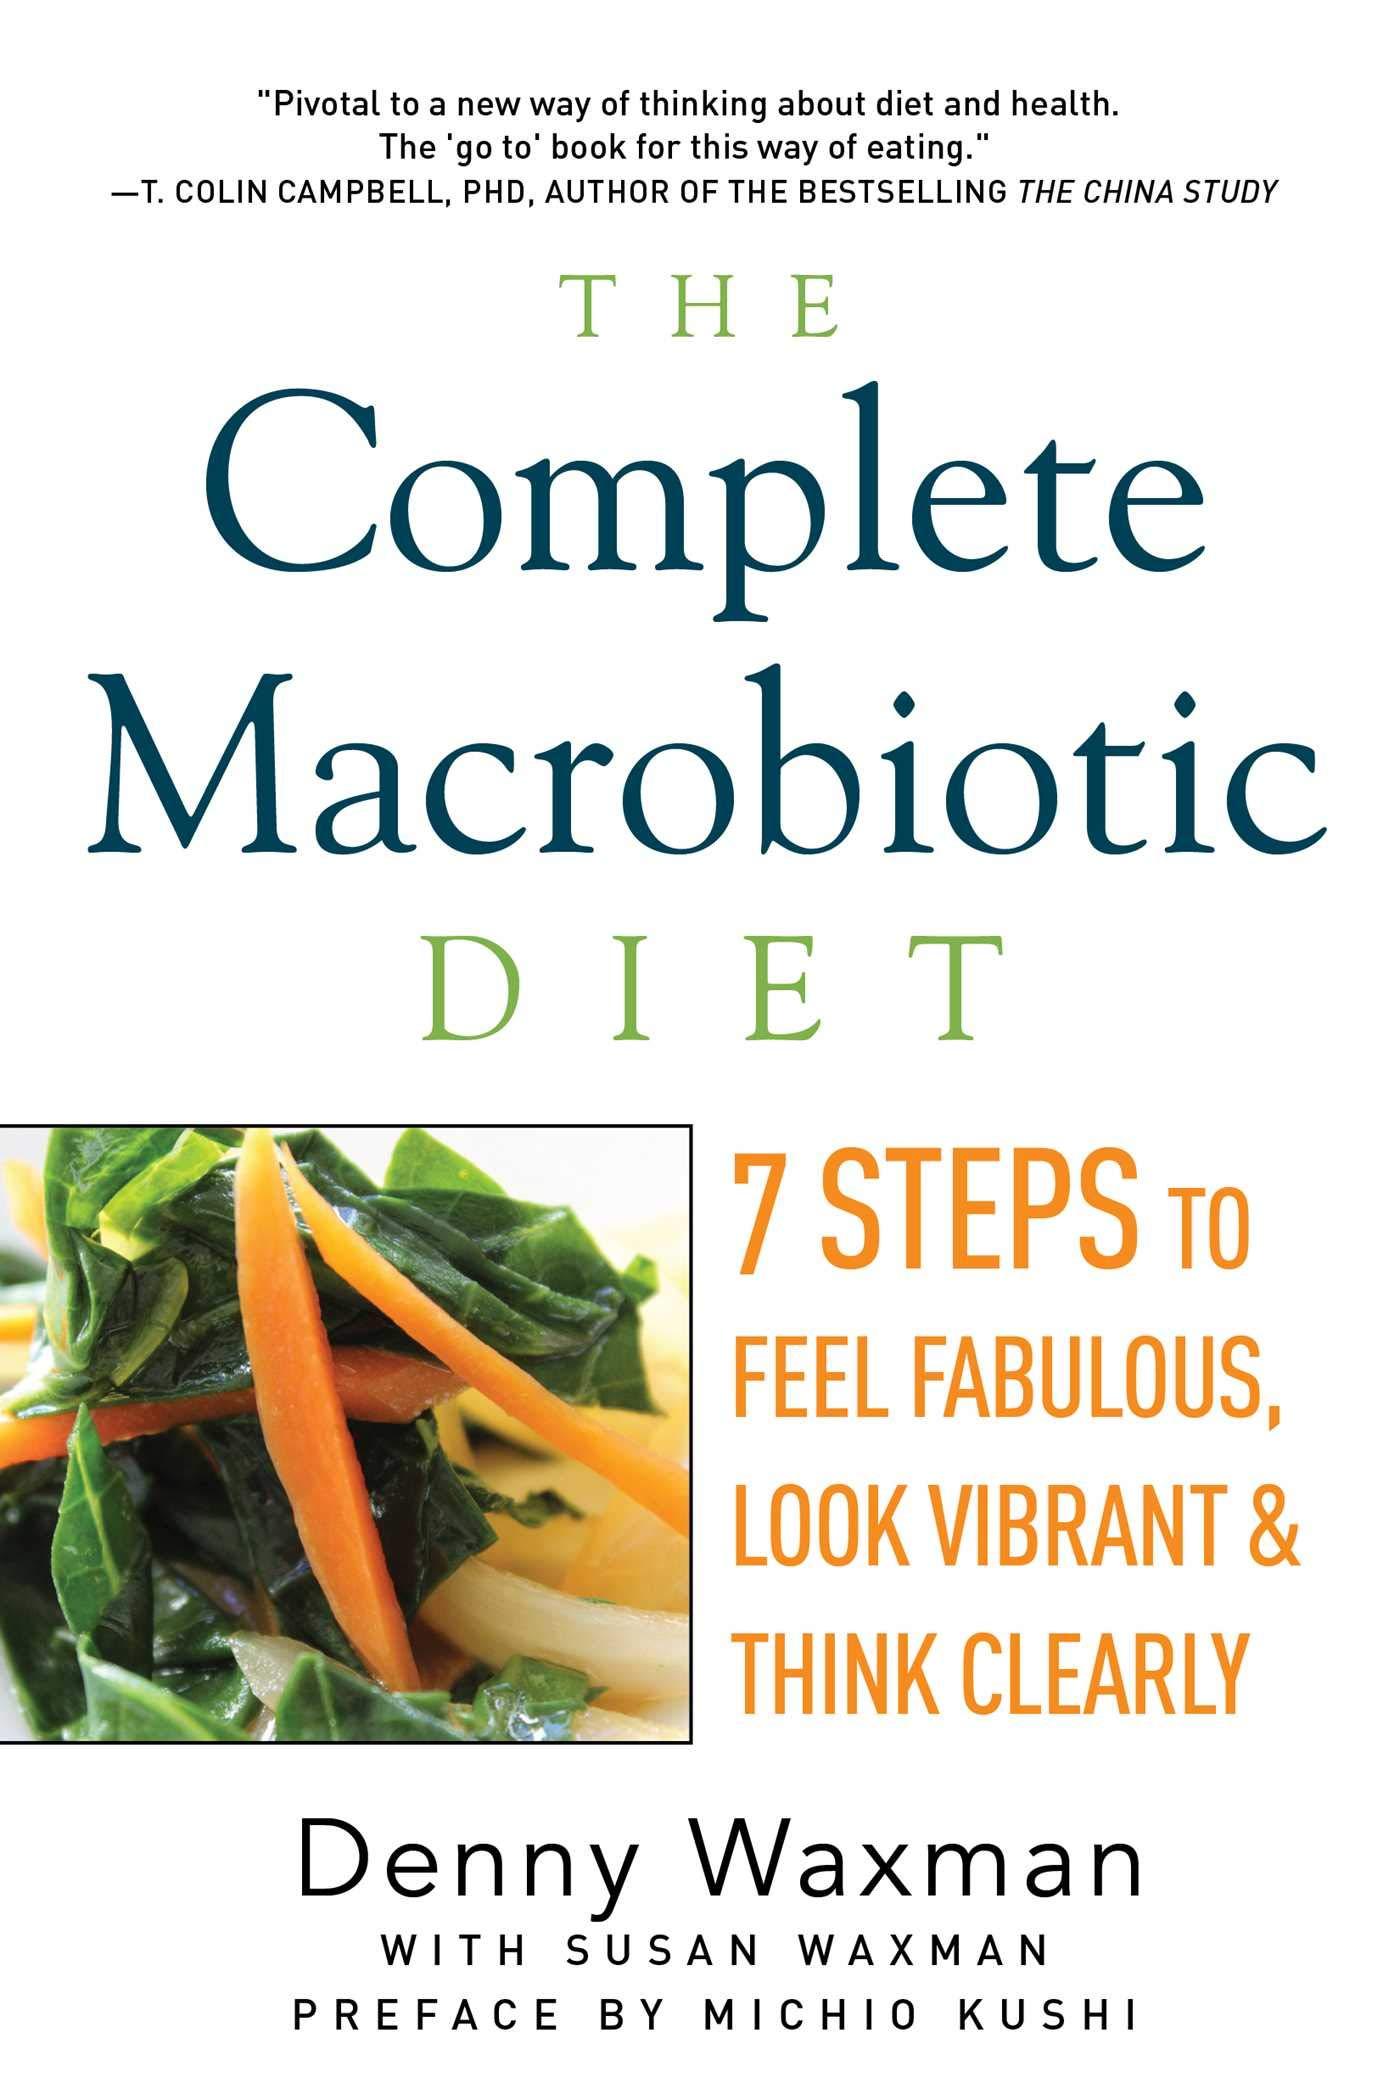 is the macro biotic diet legit?